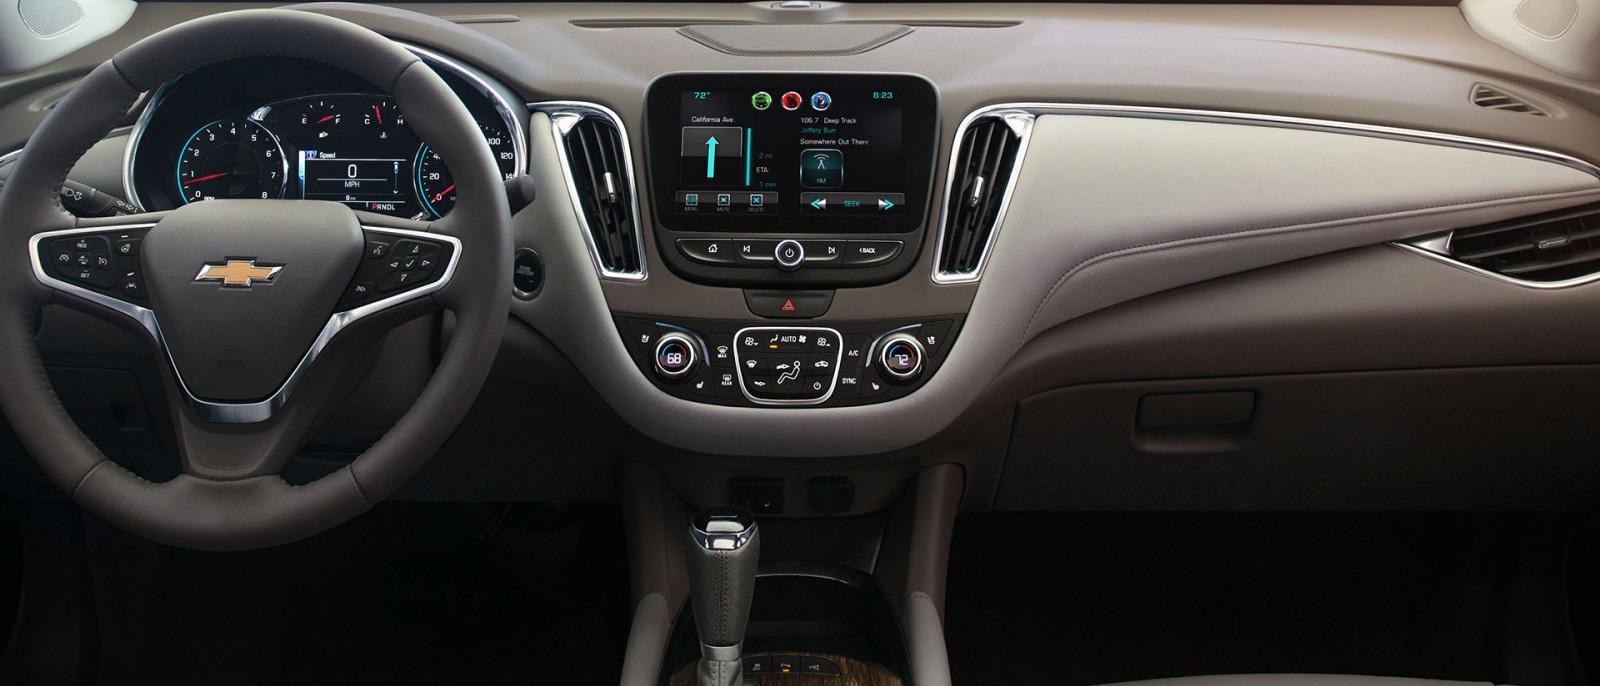 2016 Chevy Malibu Hybrid Interior